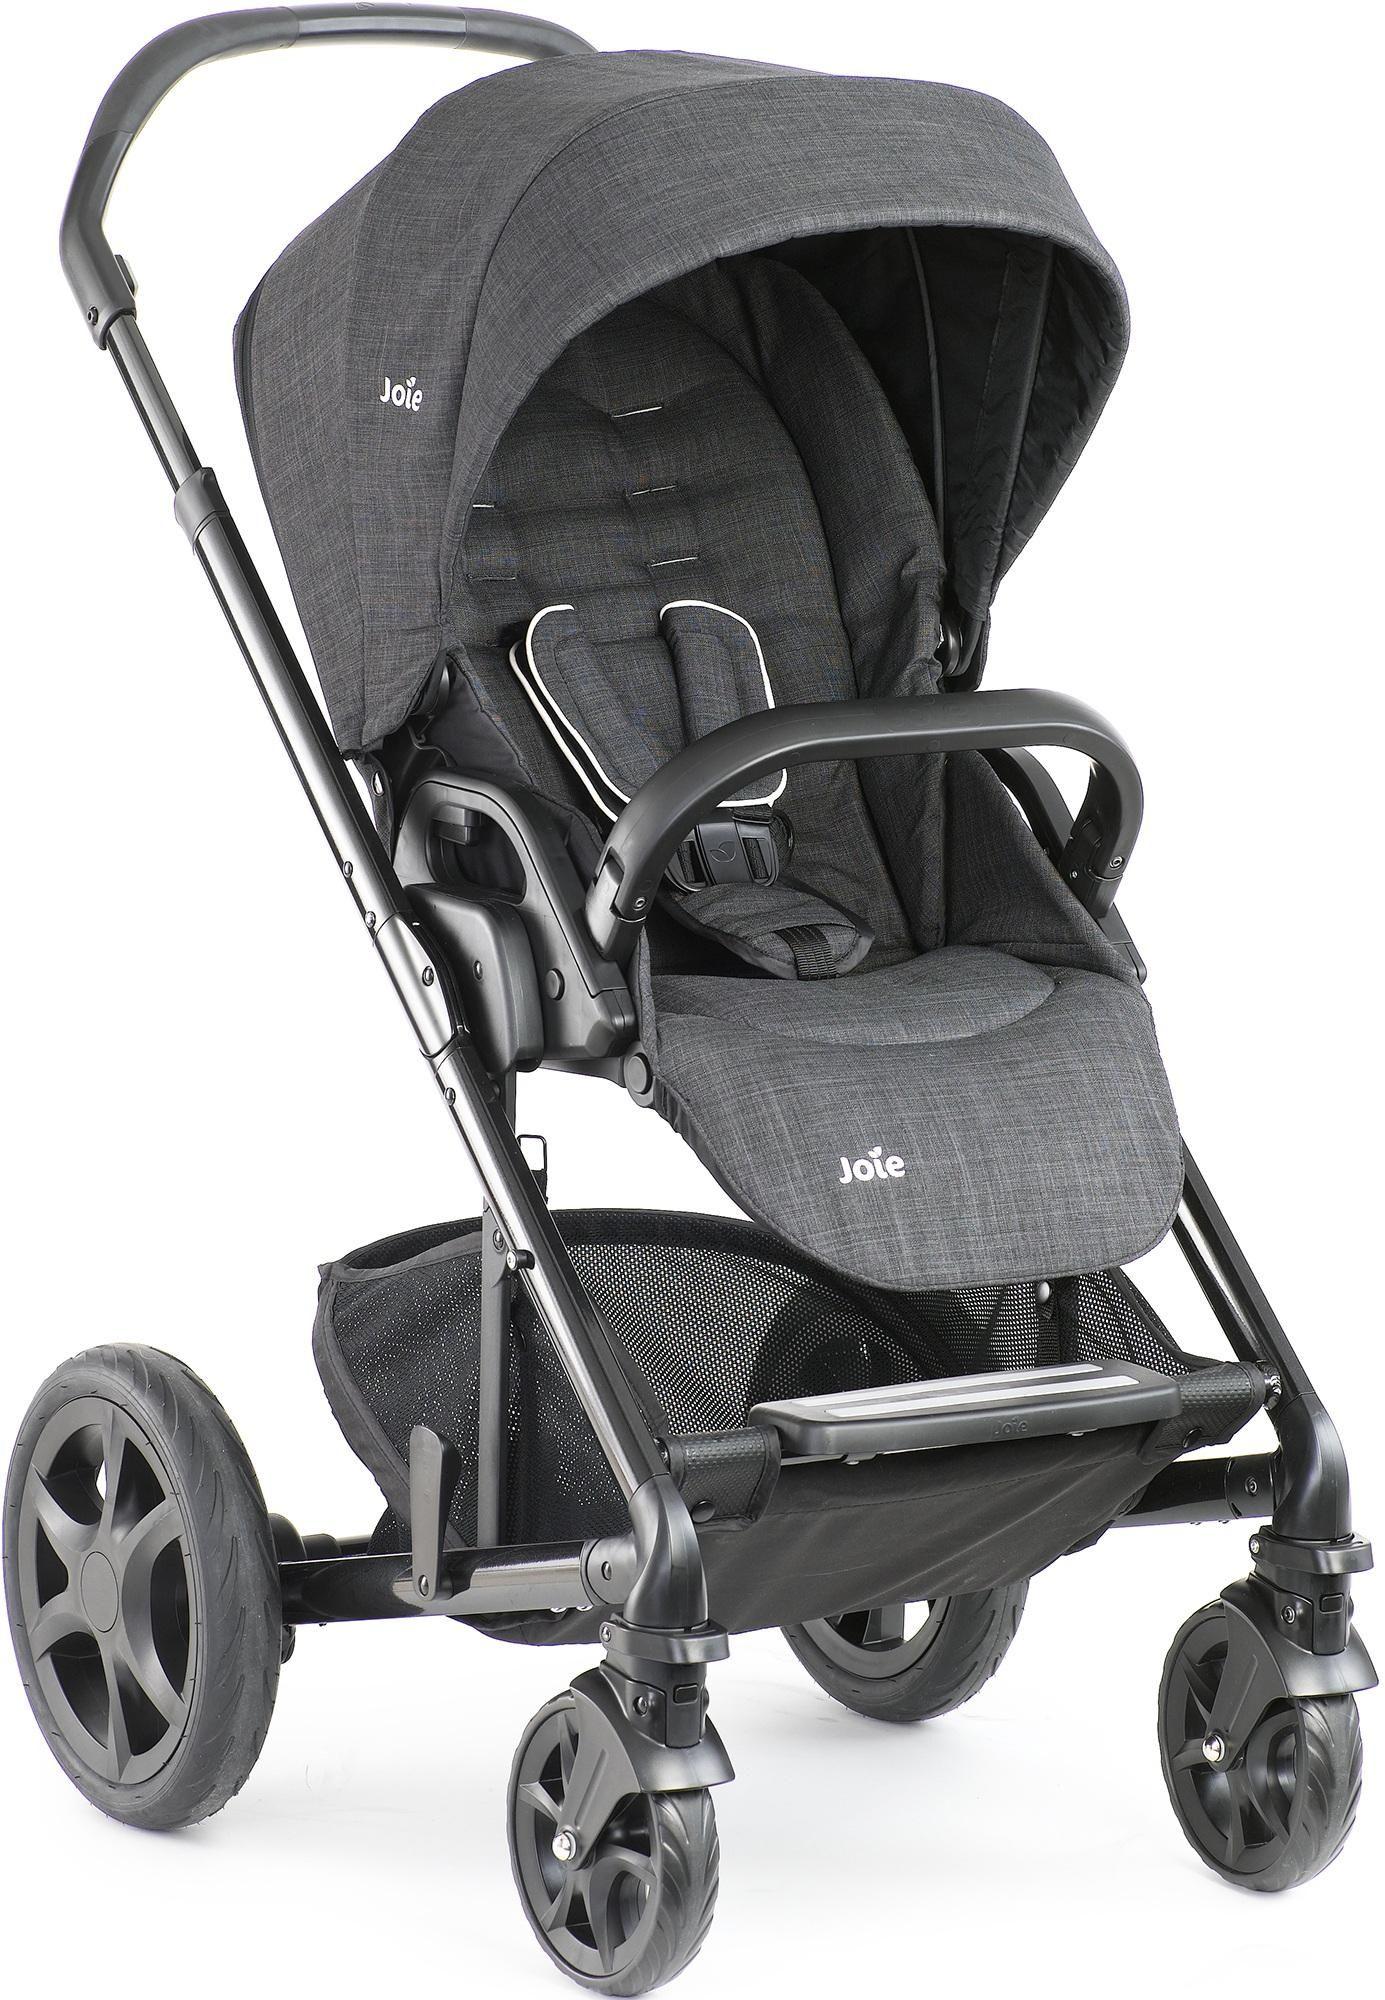 35+ Joie brisk stroller grey ideas